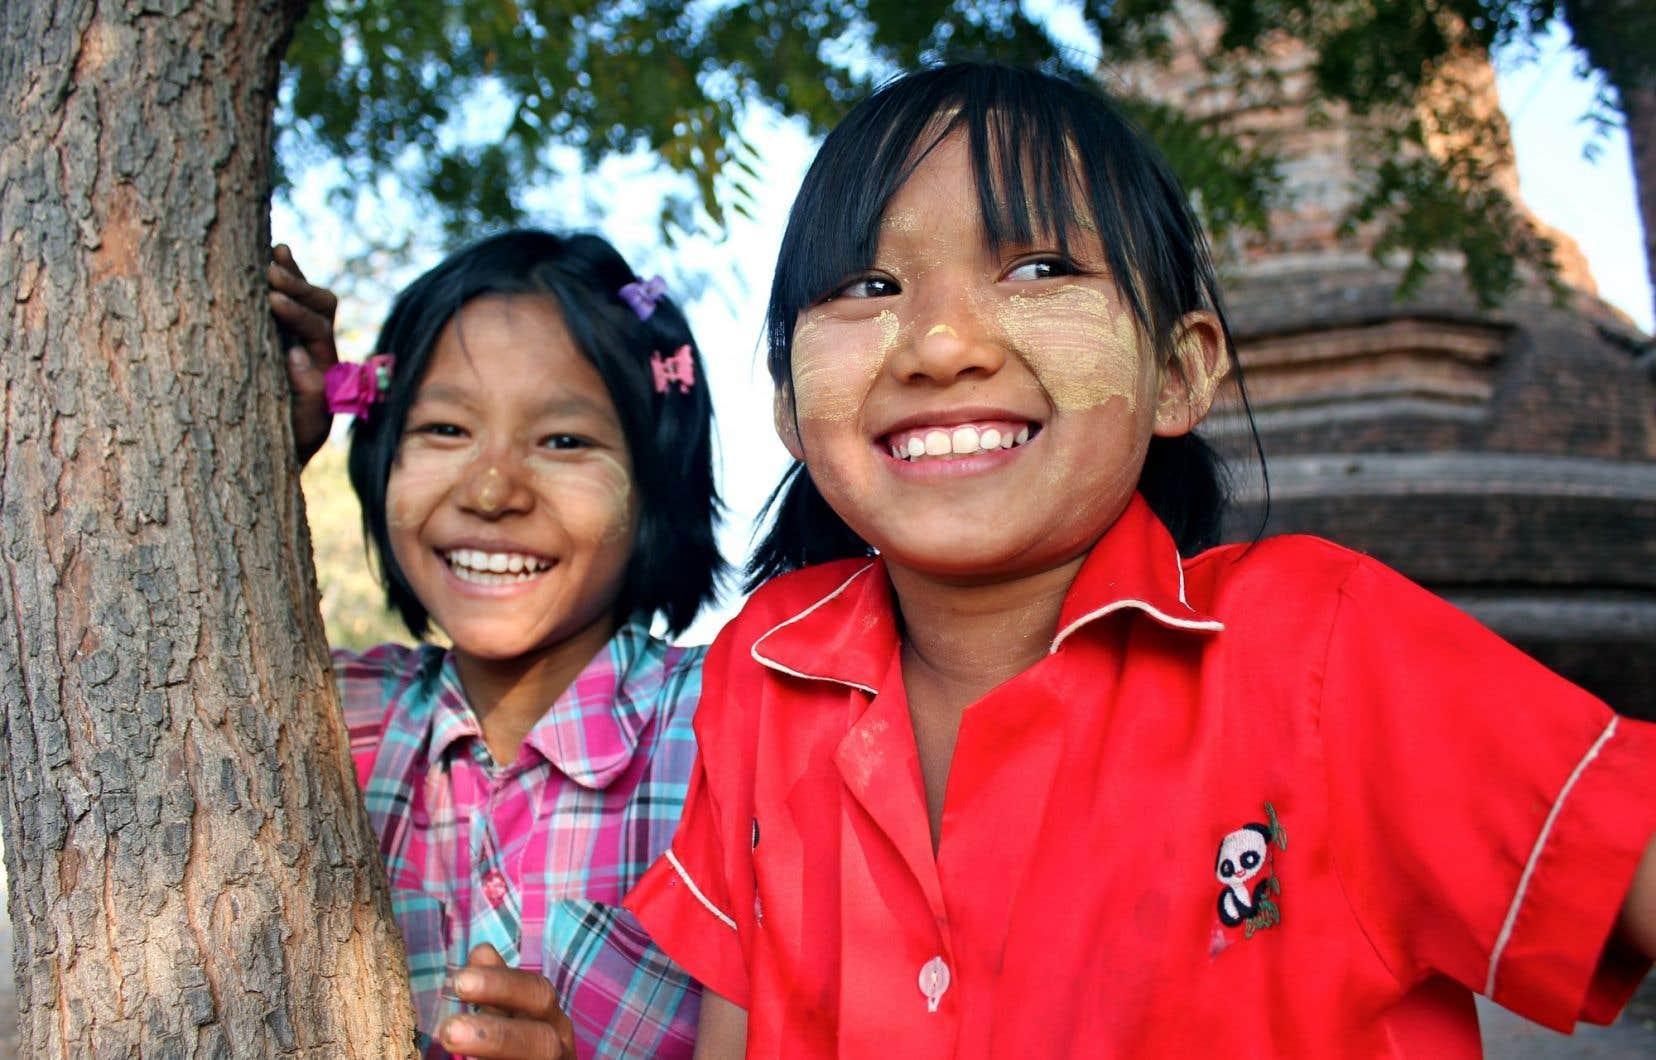 Sourires authentiques pour une touriste vraie, à Bagan, en Birmanie. (Et vœux sincères aux habitants de cette région touchée par un séisme la semaine dernière.)